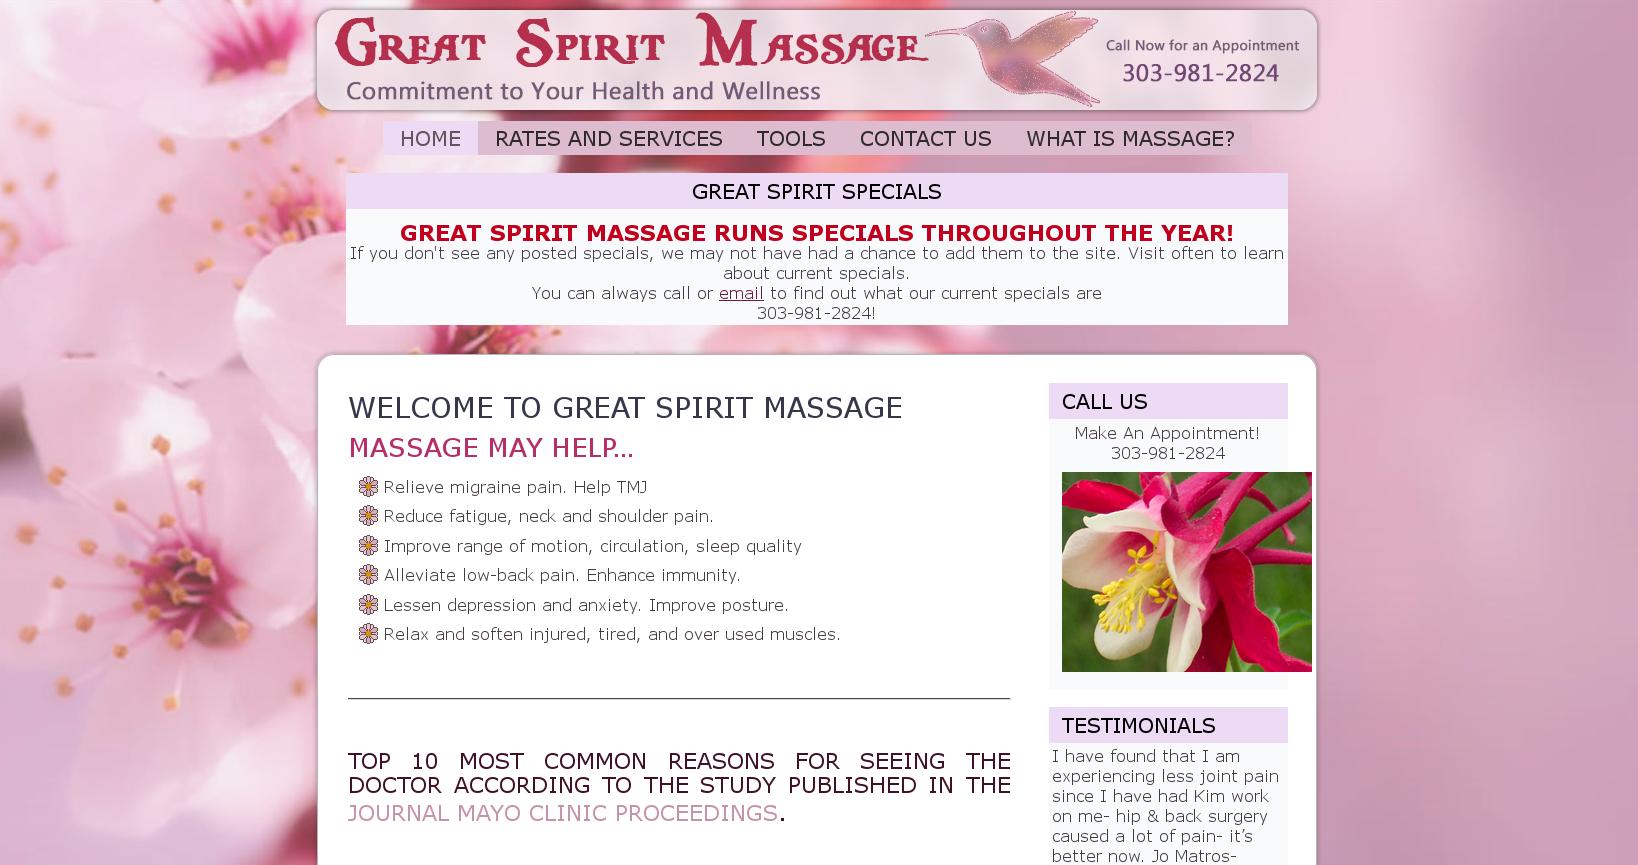 Great Spirit Massage